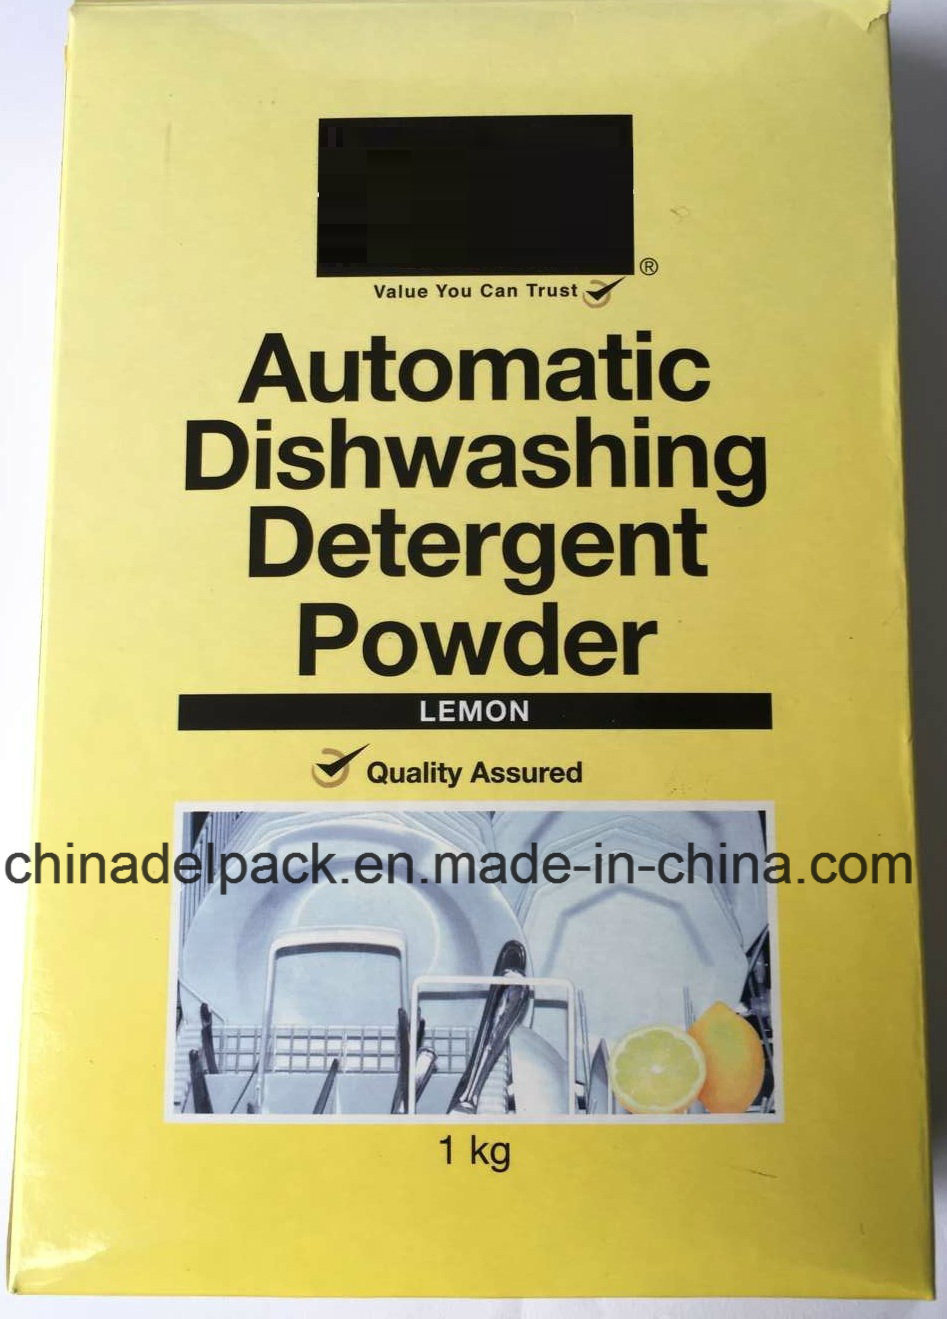 OEM Customer Brand 4in1 Dishwashing Detergent Powder, Dish Detergent Powder